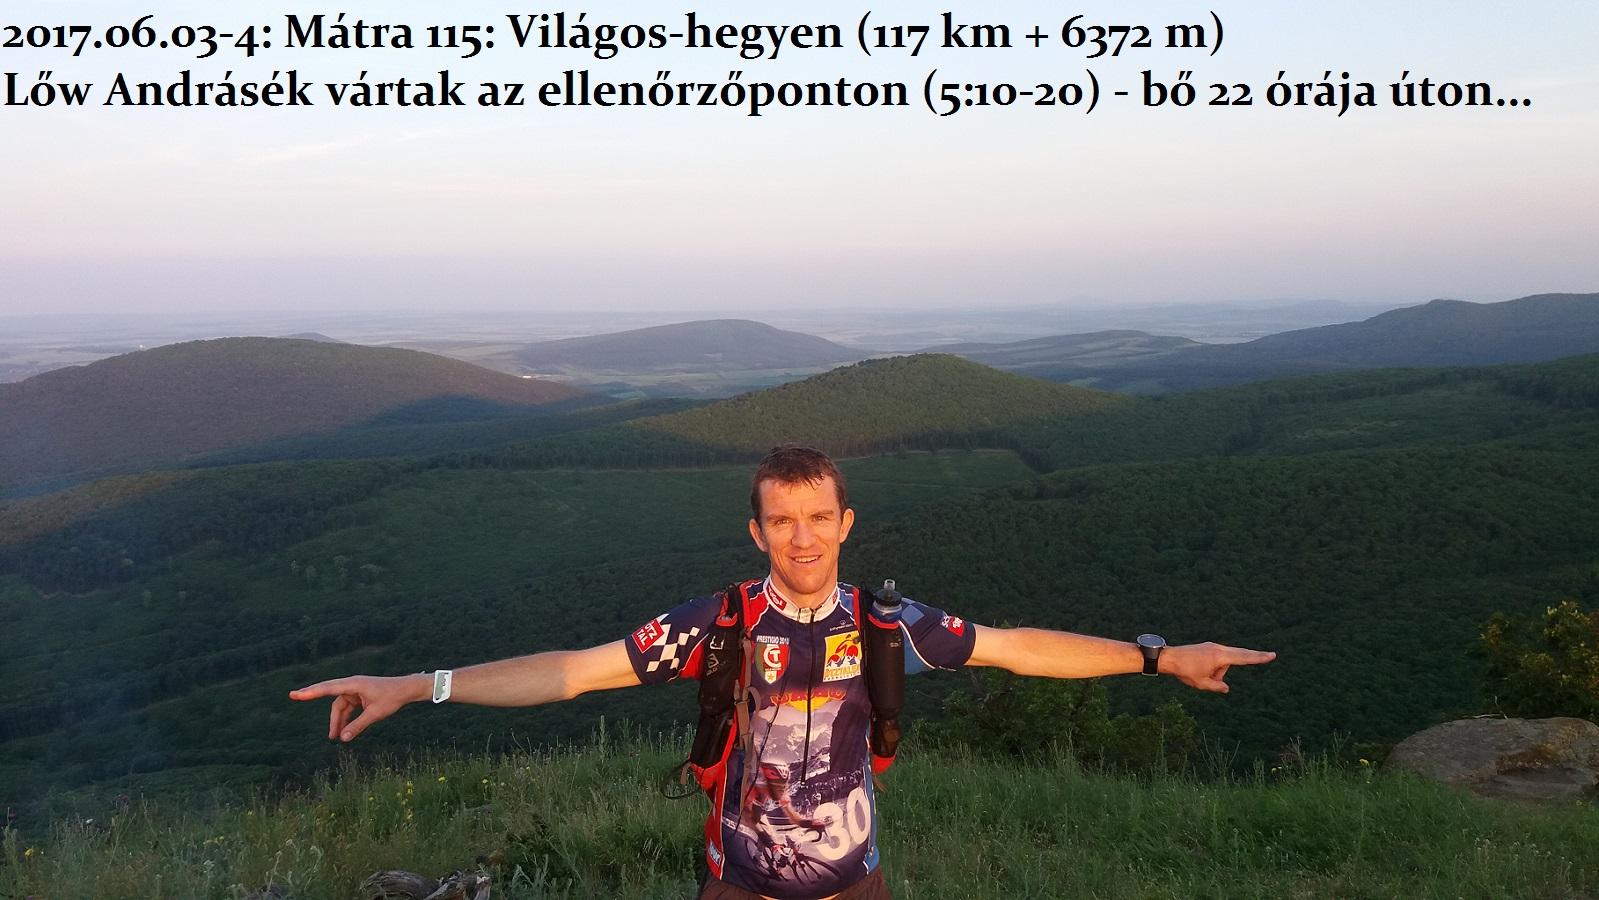 2017. június 3.  Mátra 115 - díjazás: Világos-hegy